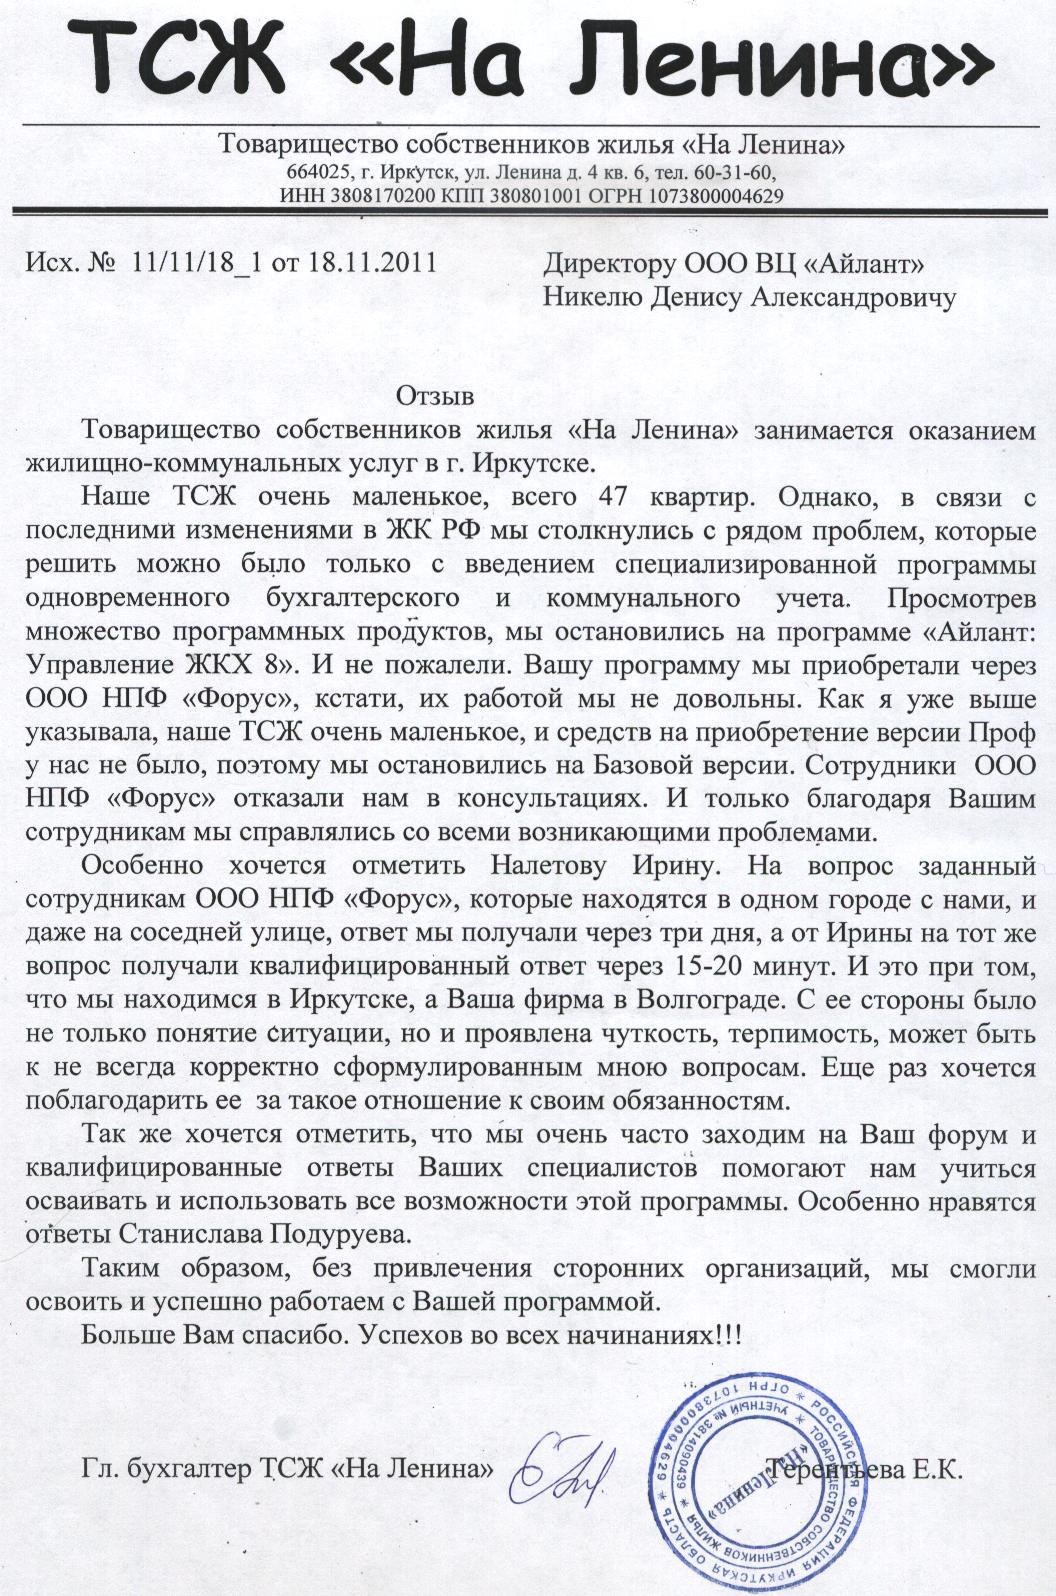 Отзыв о программе Айлант:Управление ЖКХ от ТСЖ На Ленина